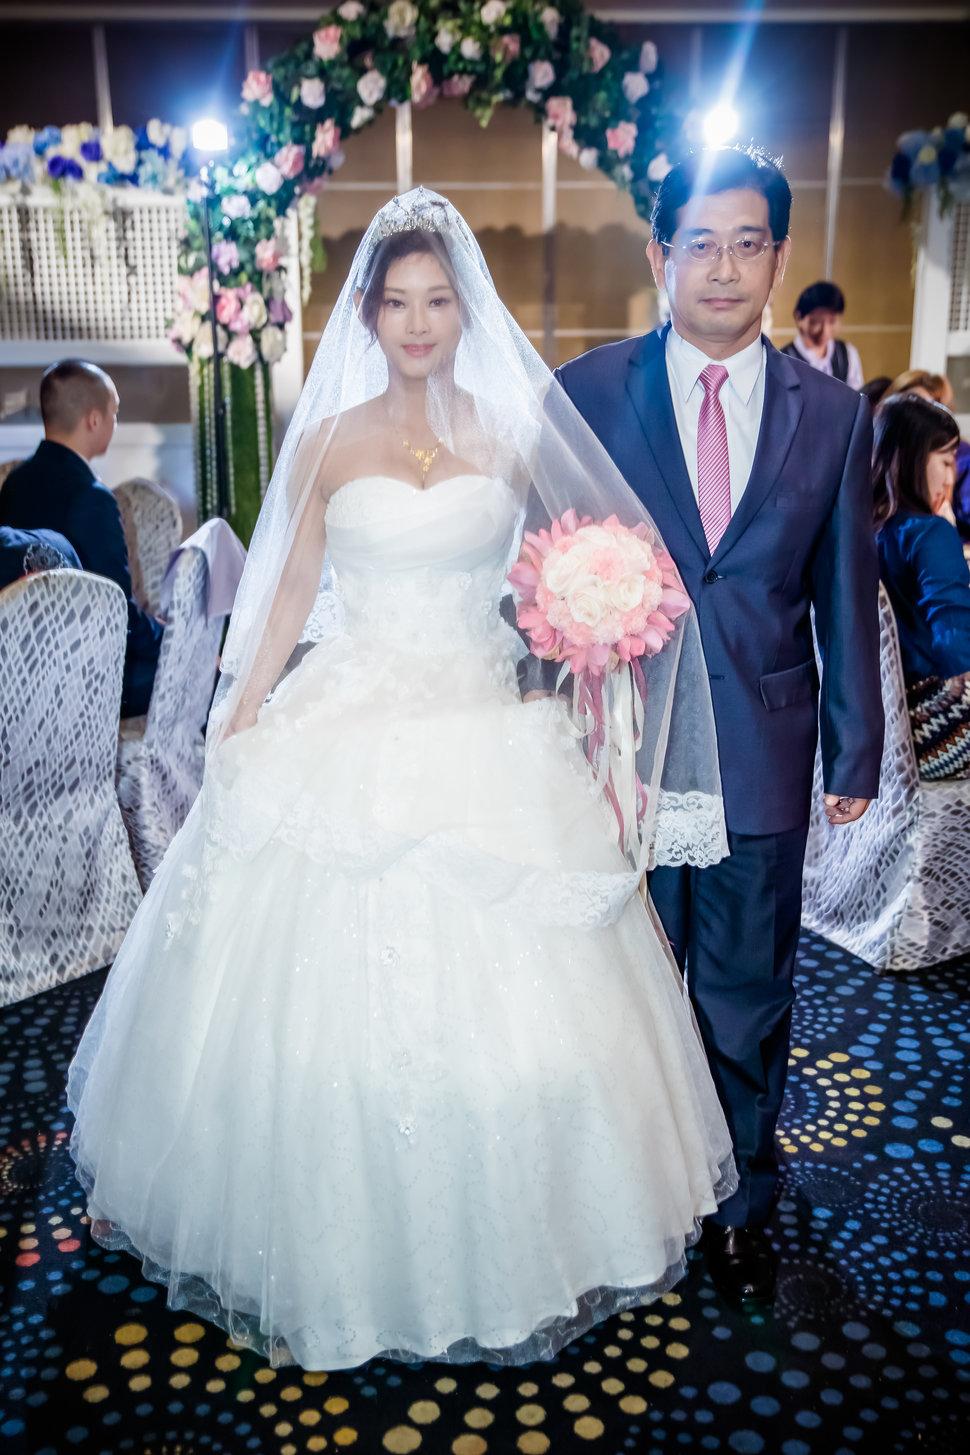 5D4_00312 - 光羽影像工作室 - 結婚吧